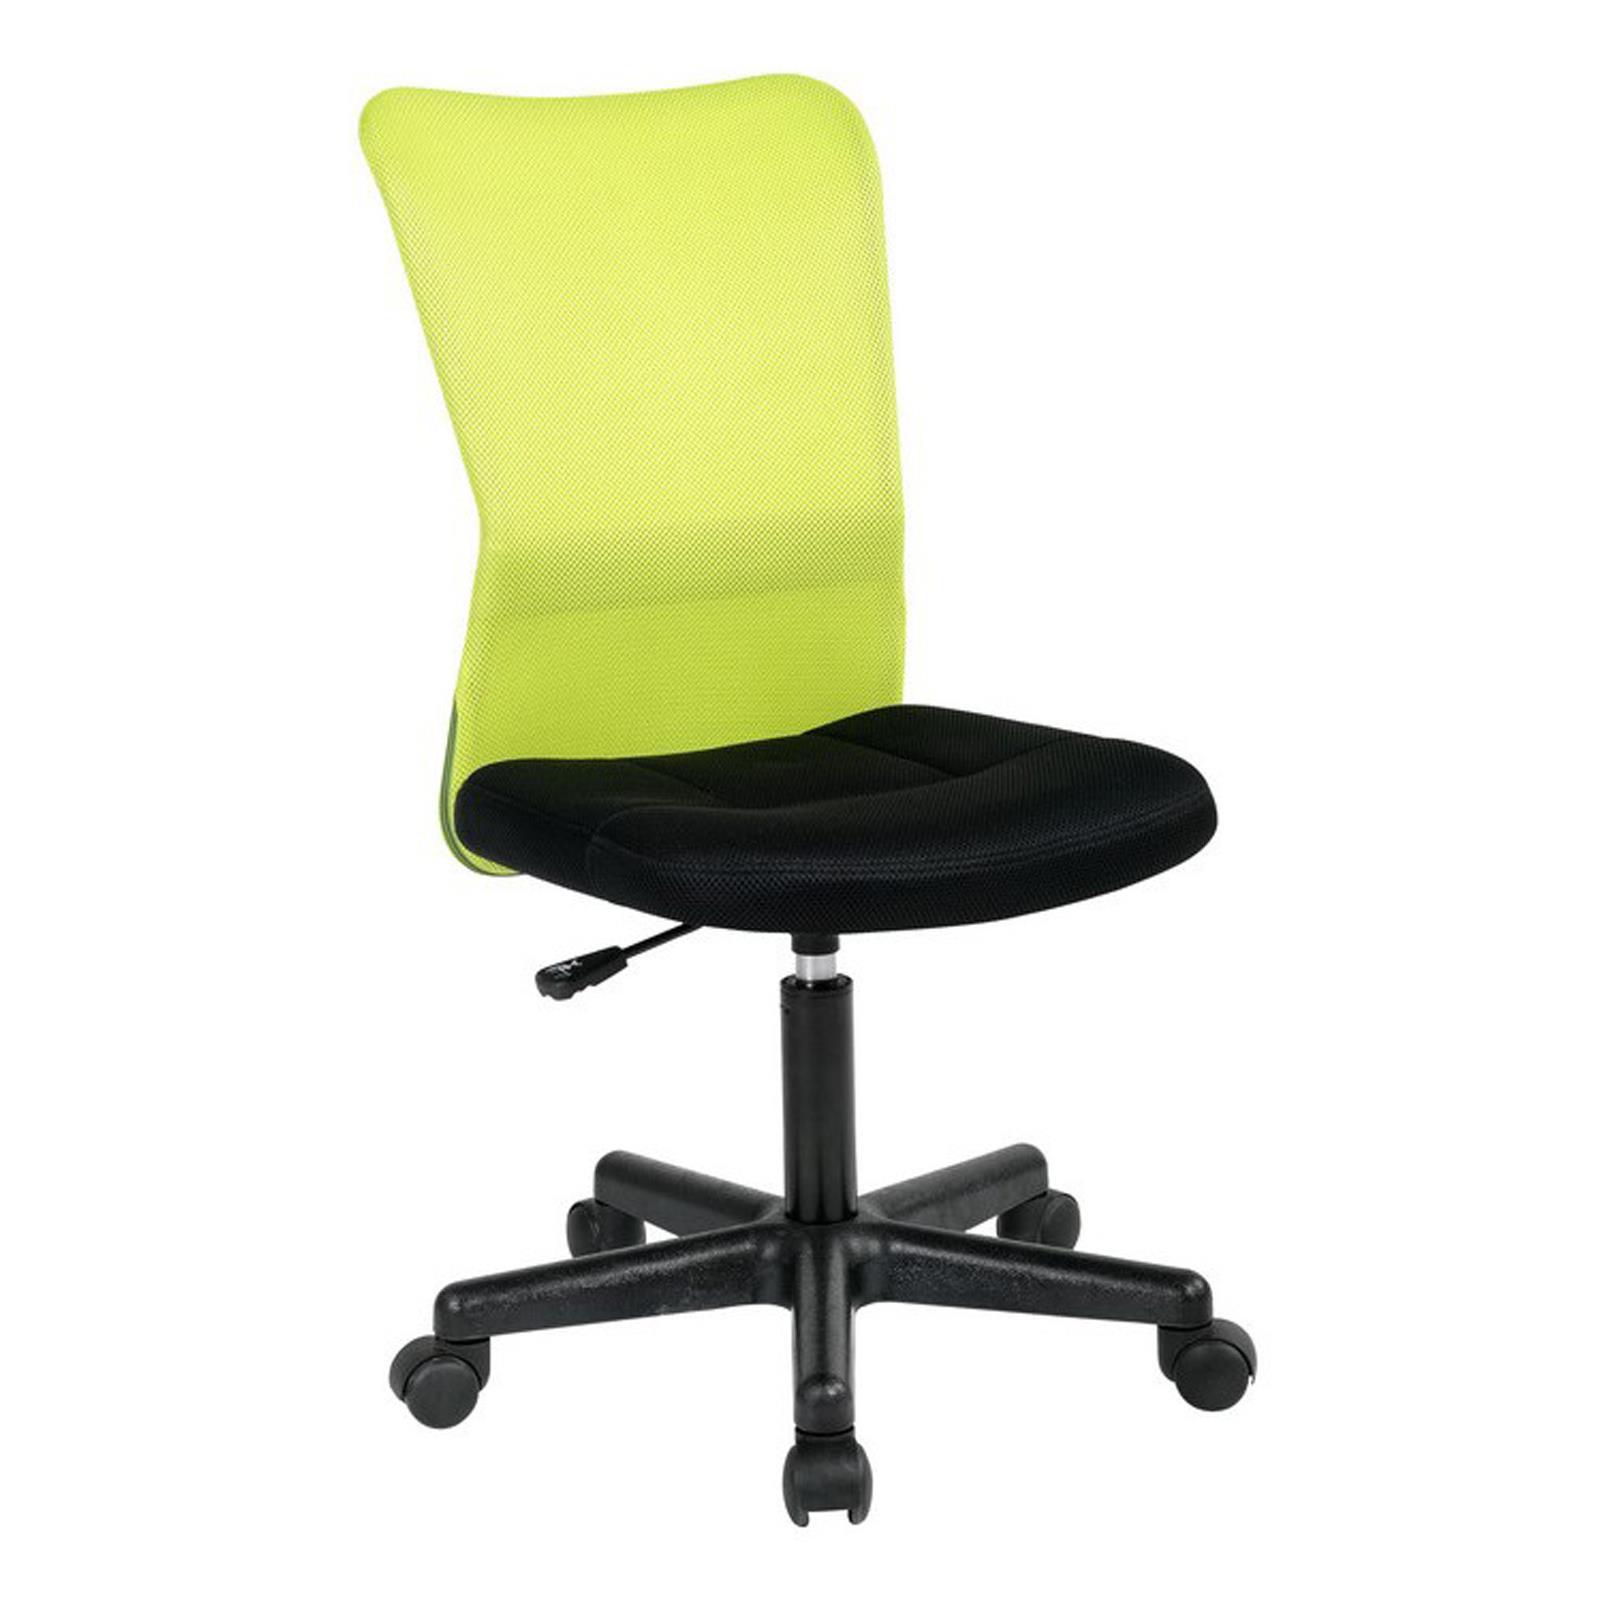 Fauteuil de bureau pour enfant marcel vert mobil meubles for Fauteuil de bureau enfant